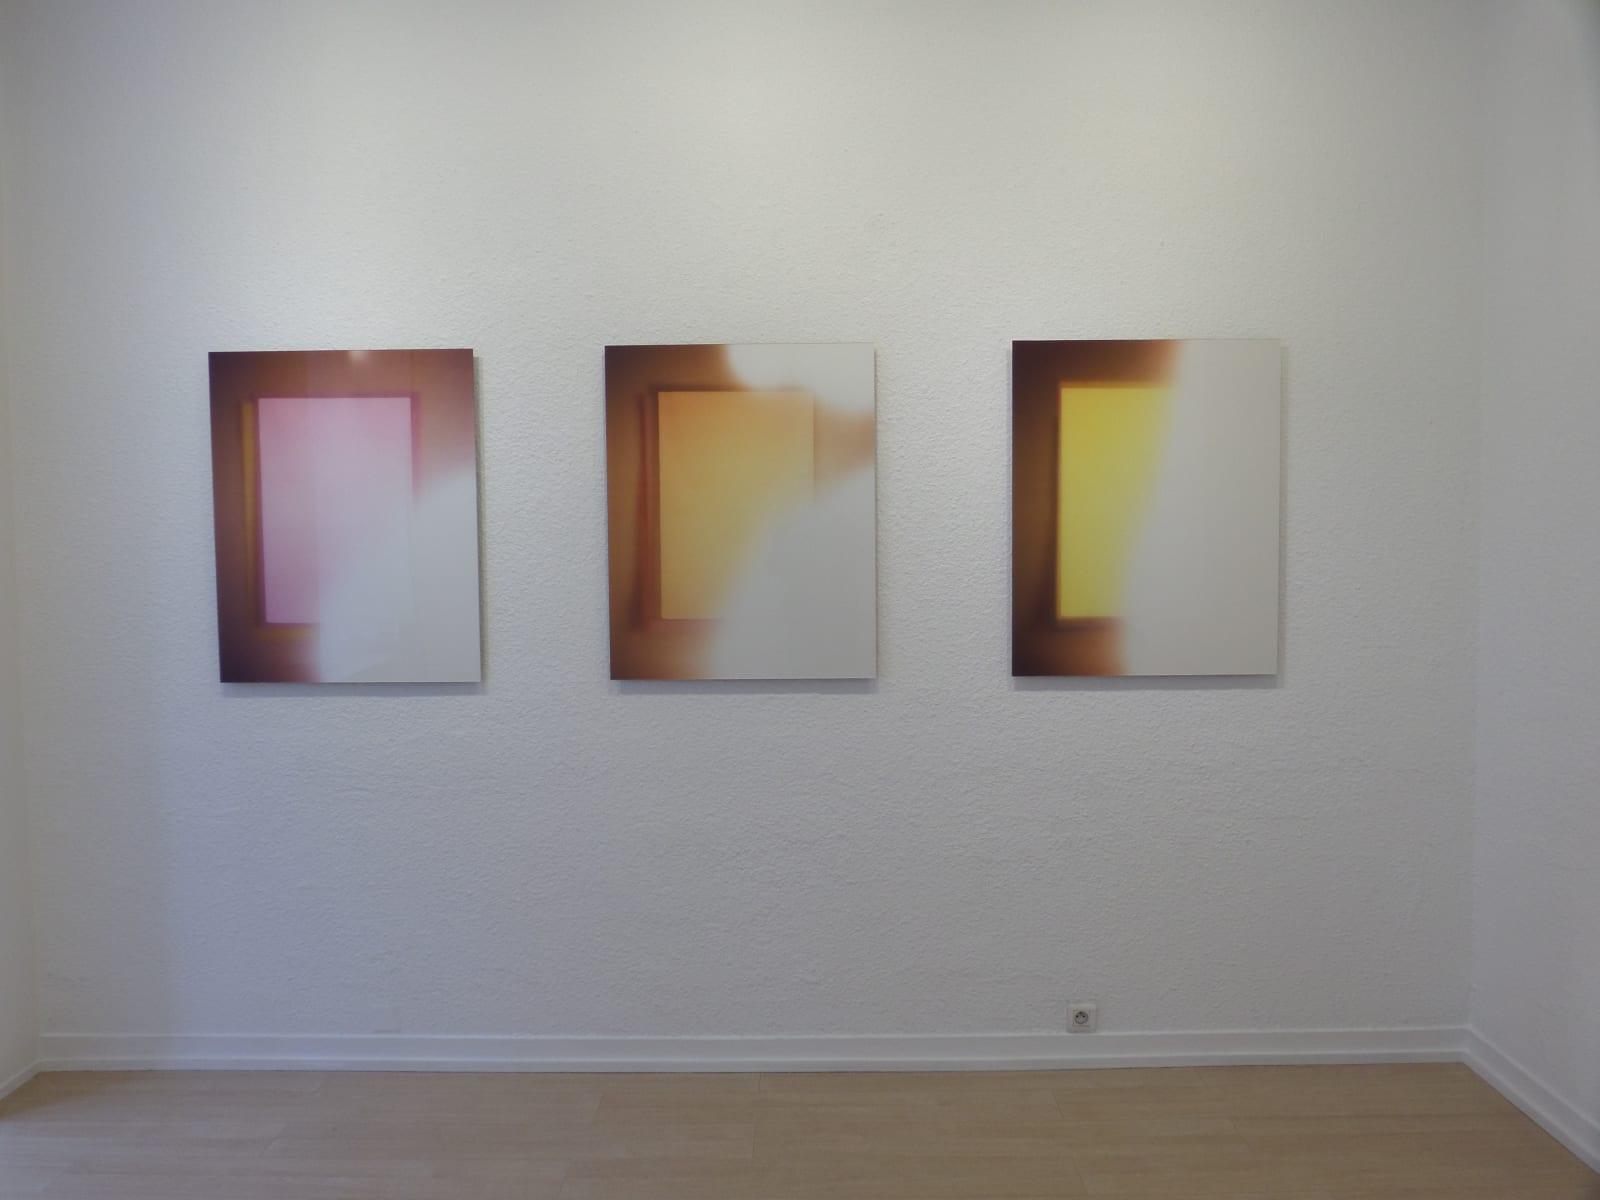 Joël Denot / Les artistes de la galerie, exposition de groupe / Oniris 2016